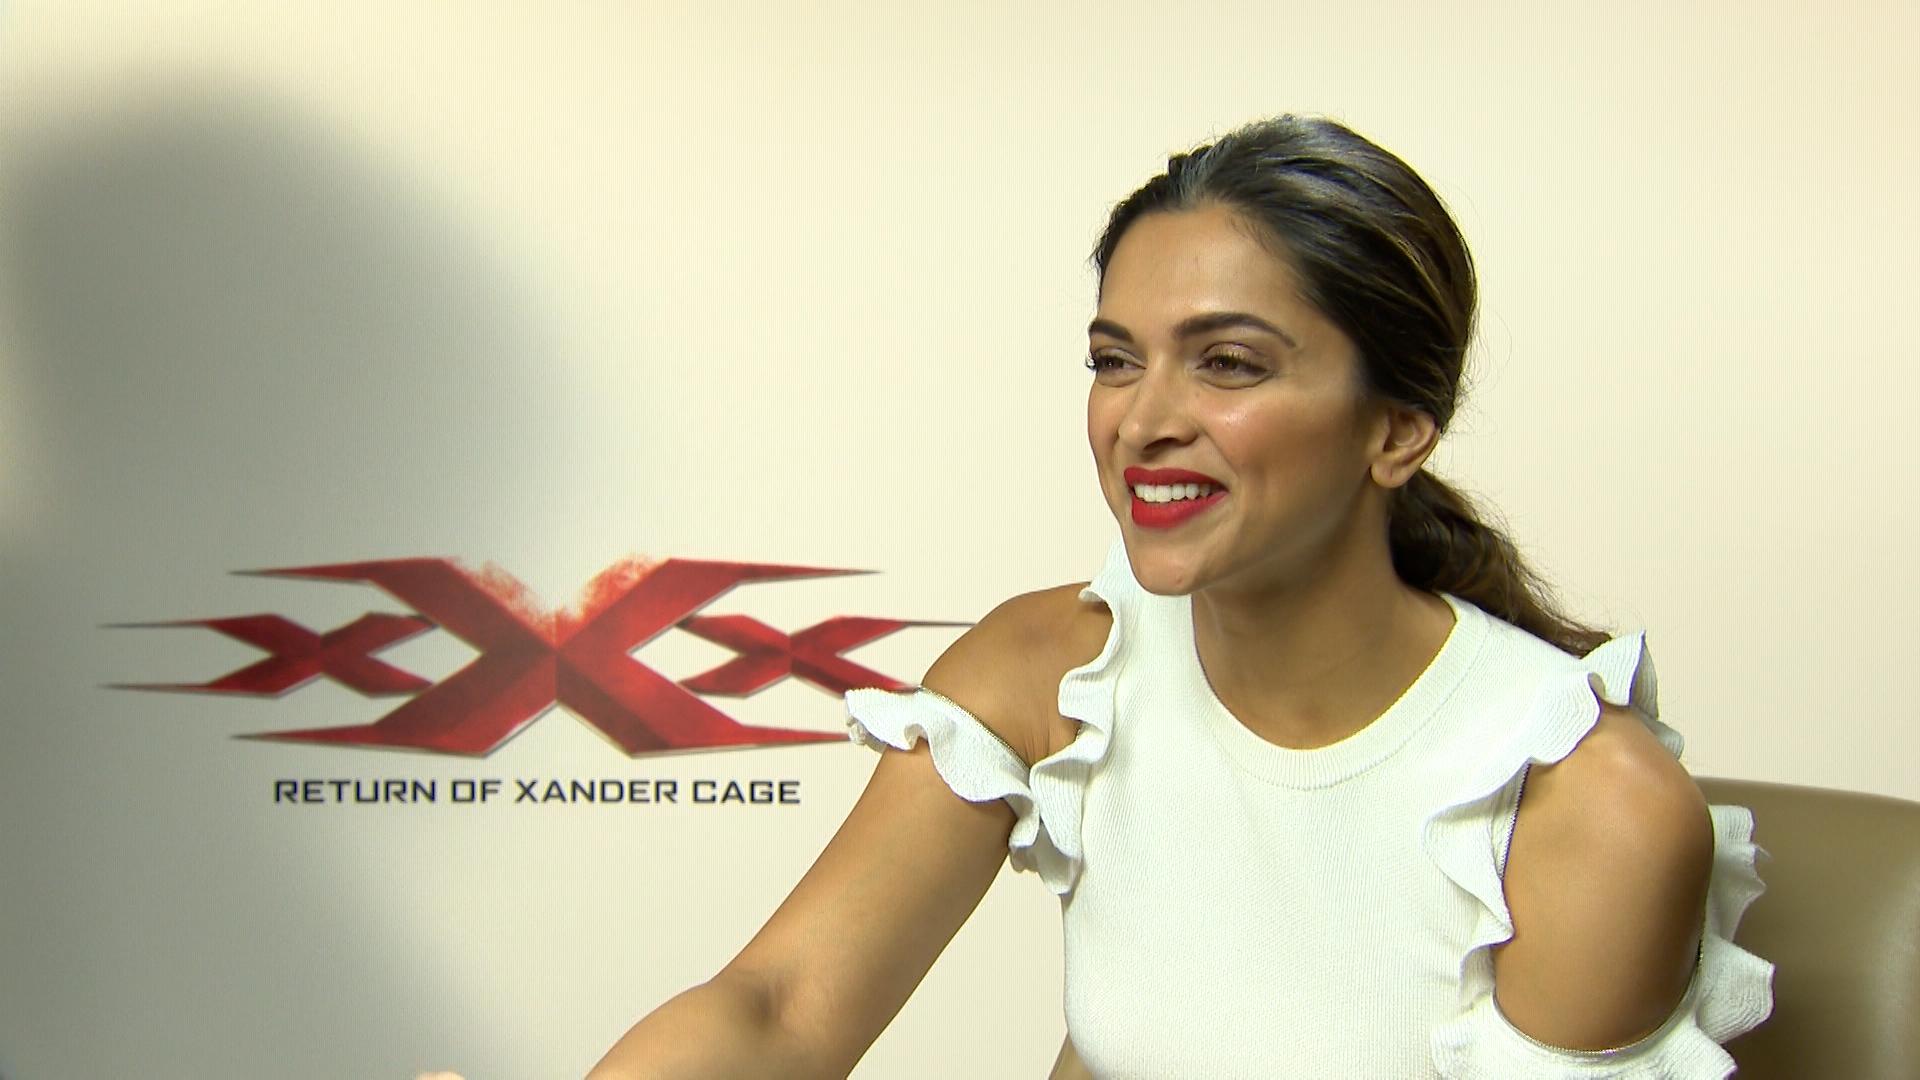 Xxx Interview 50